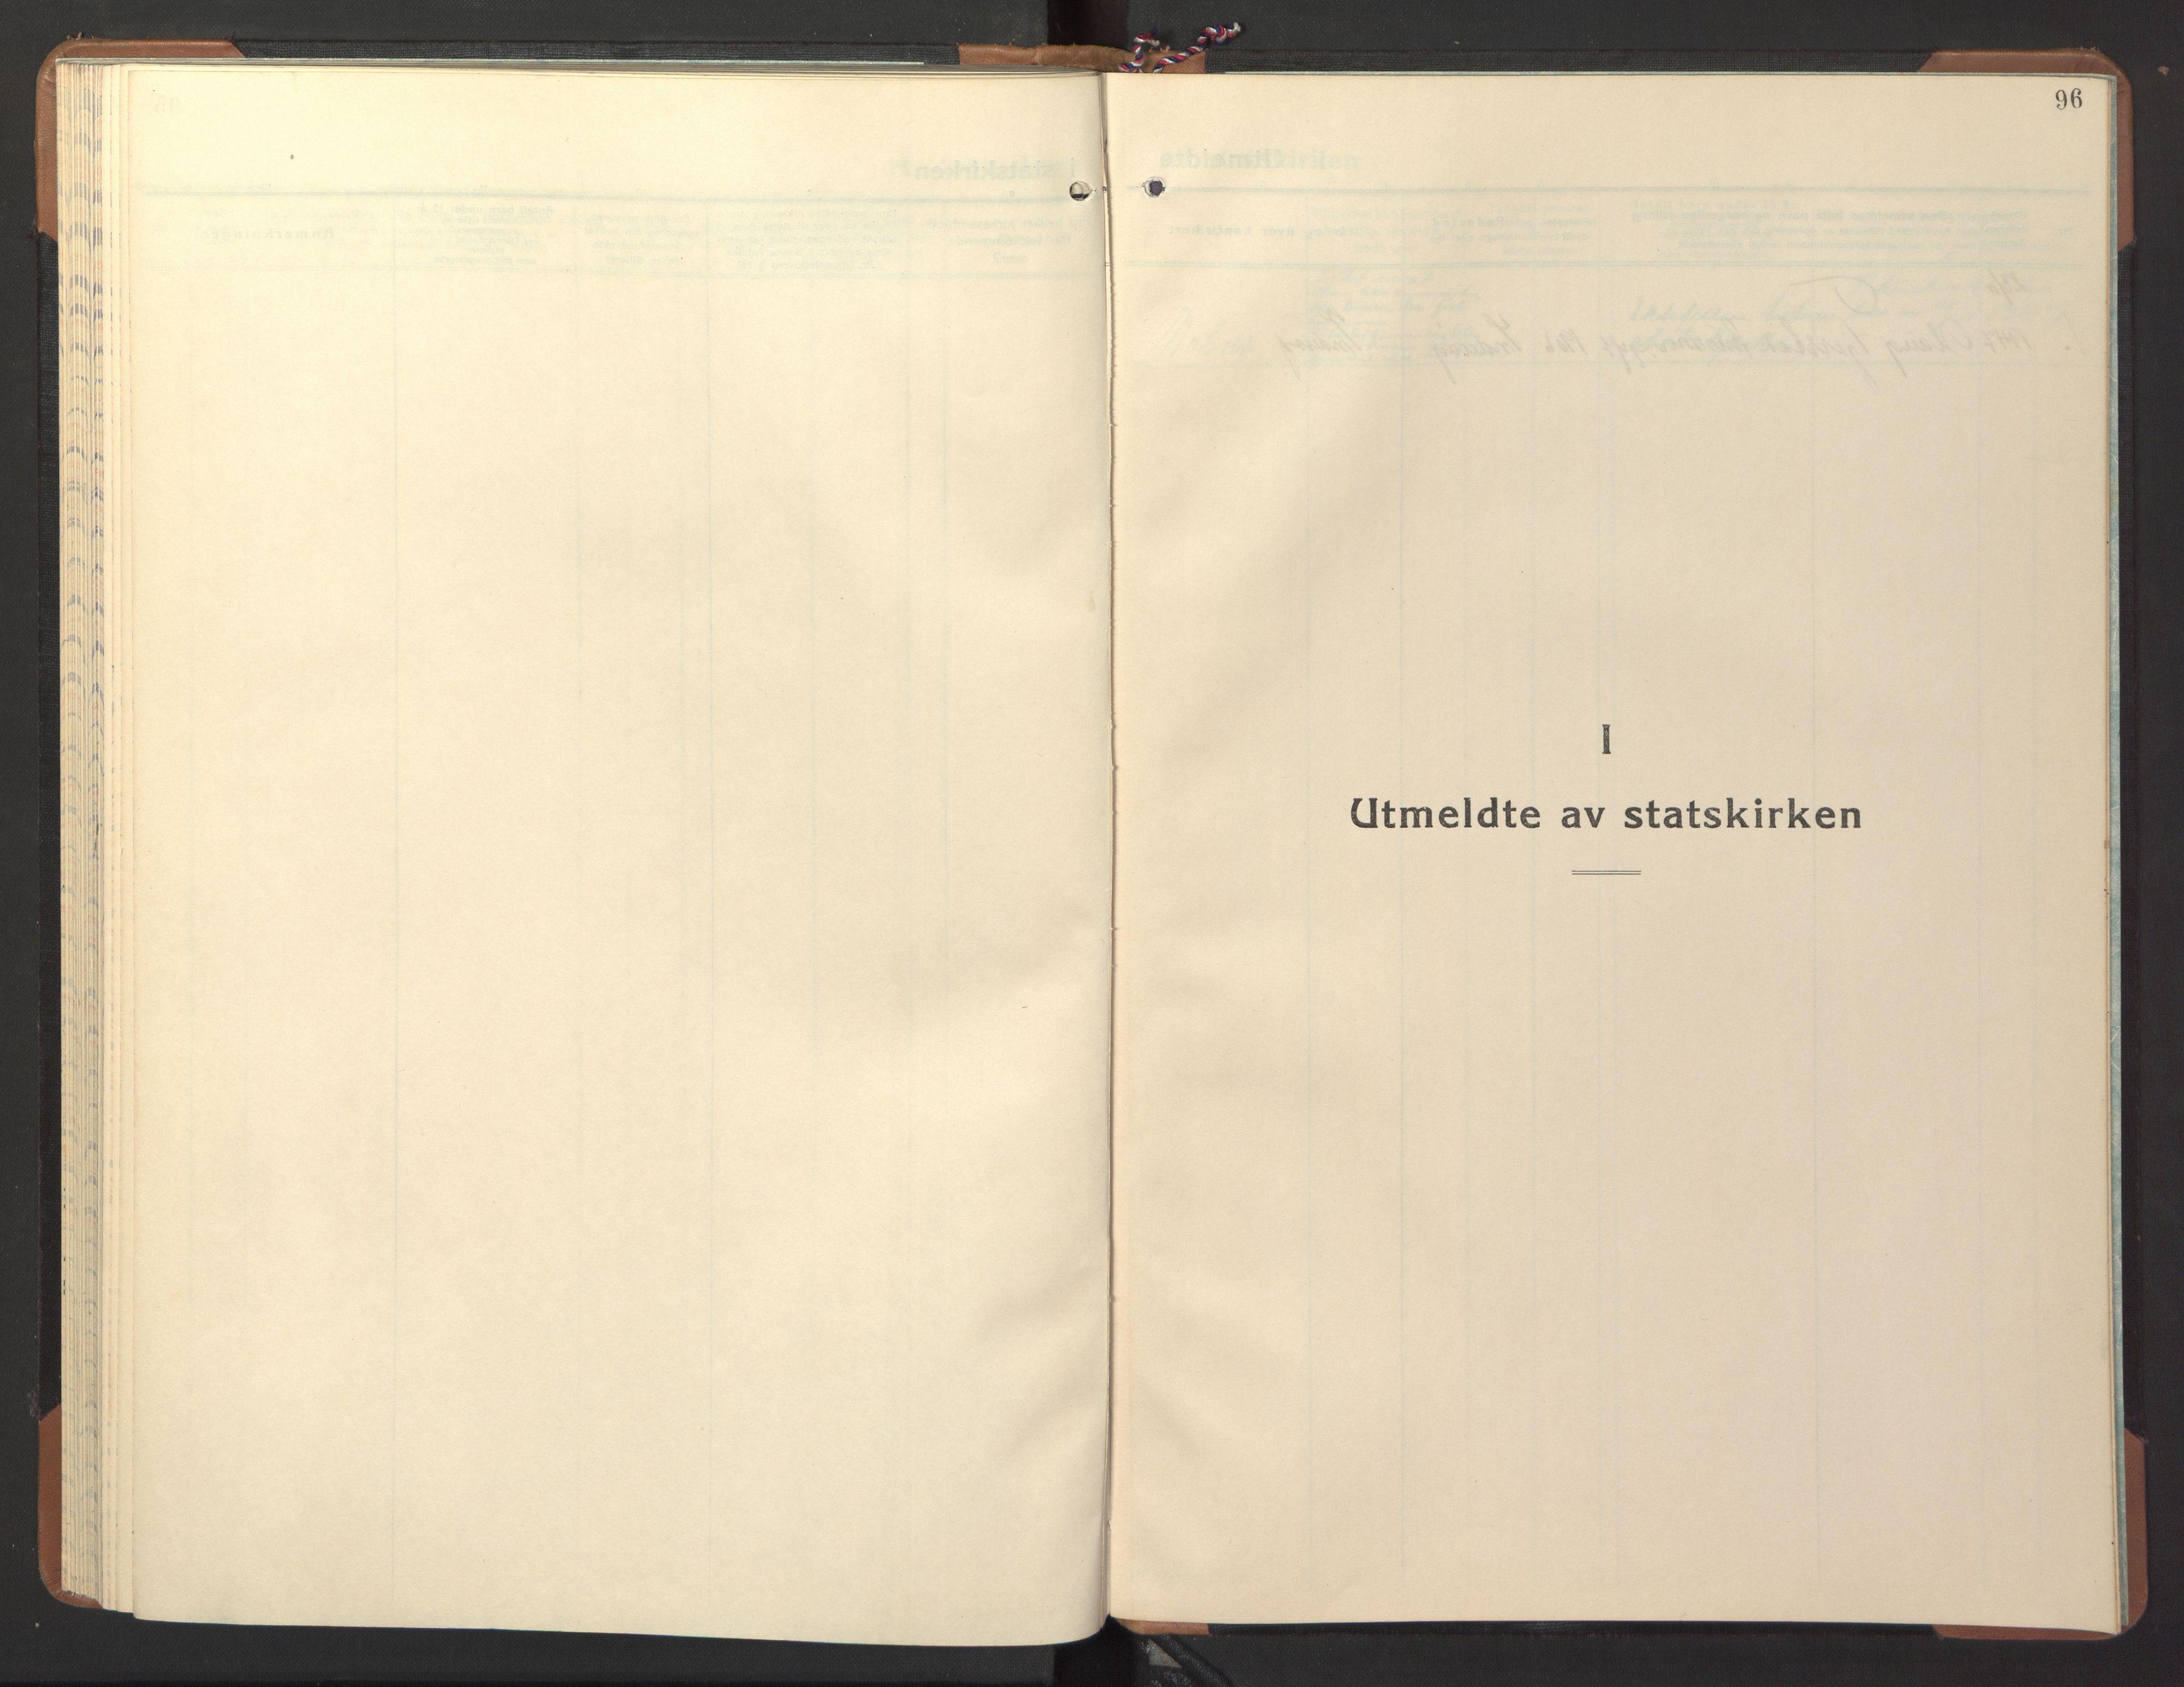 SAT, Ministerialprotokoller, klokkerbøker og fødselsregistre - Nord-Trøndelag, 746/L0456: Klokkerbok nr. 746C02, 1936-1948, s. 96